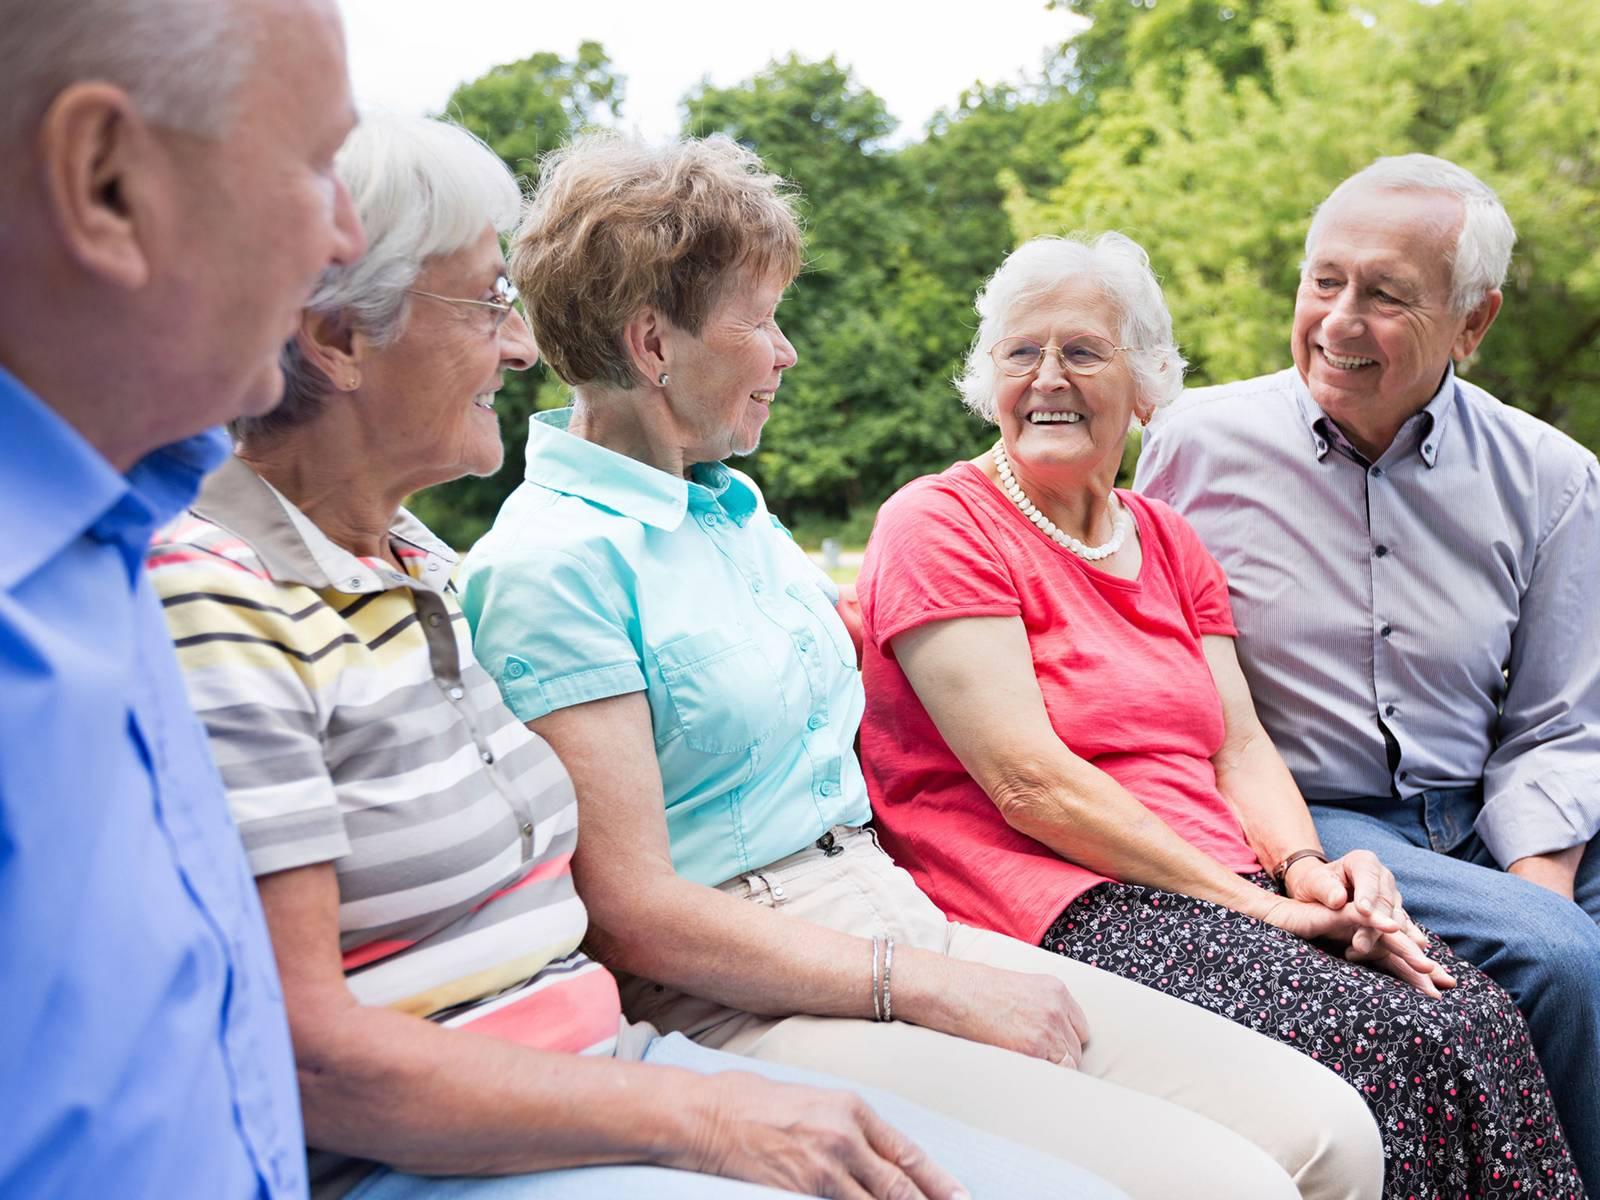 Fünf ältere gut gelaunte Menschen sitzen auf einer Bank im Grünen und lachen gemeinsam